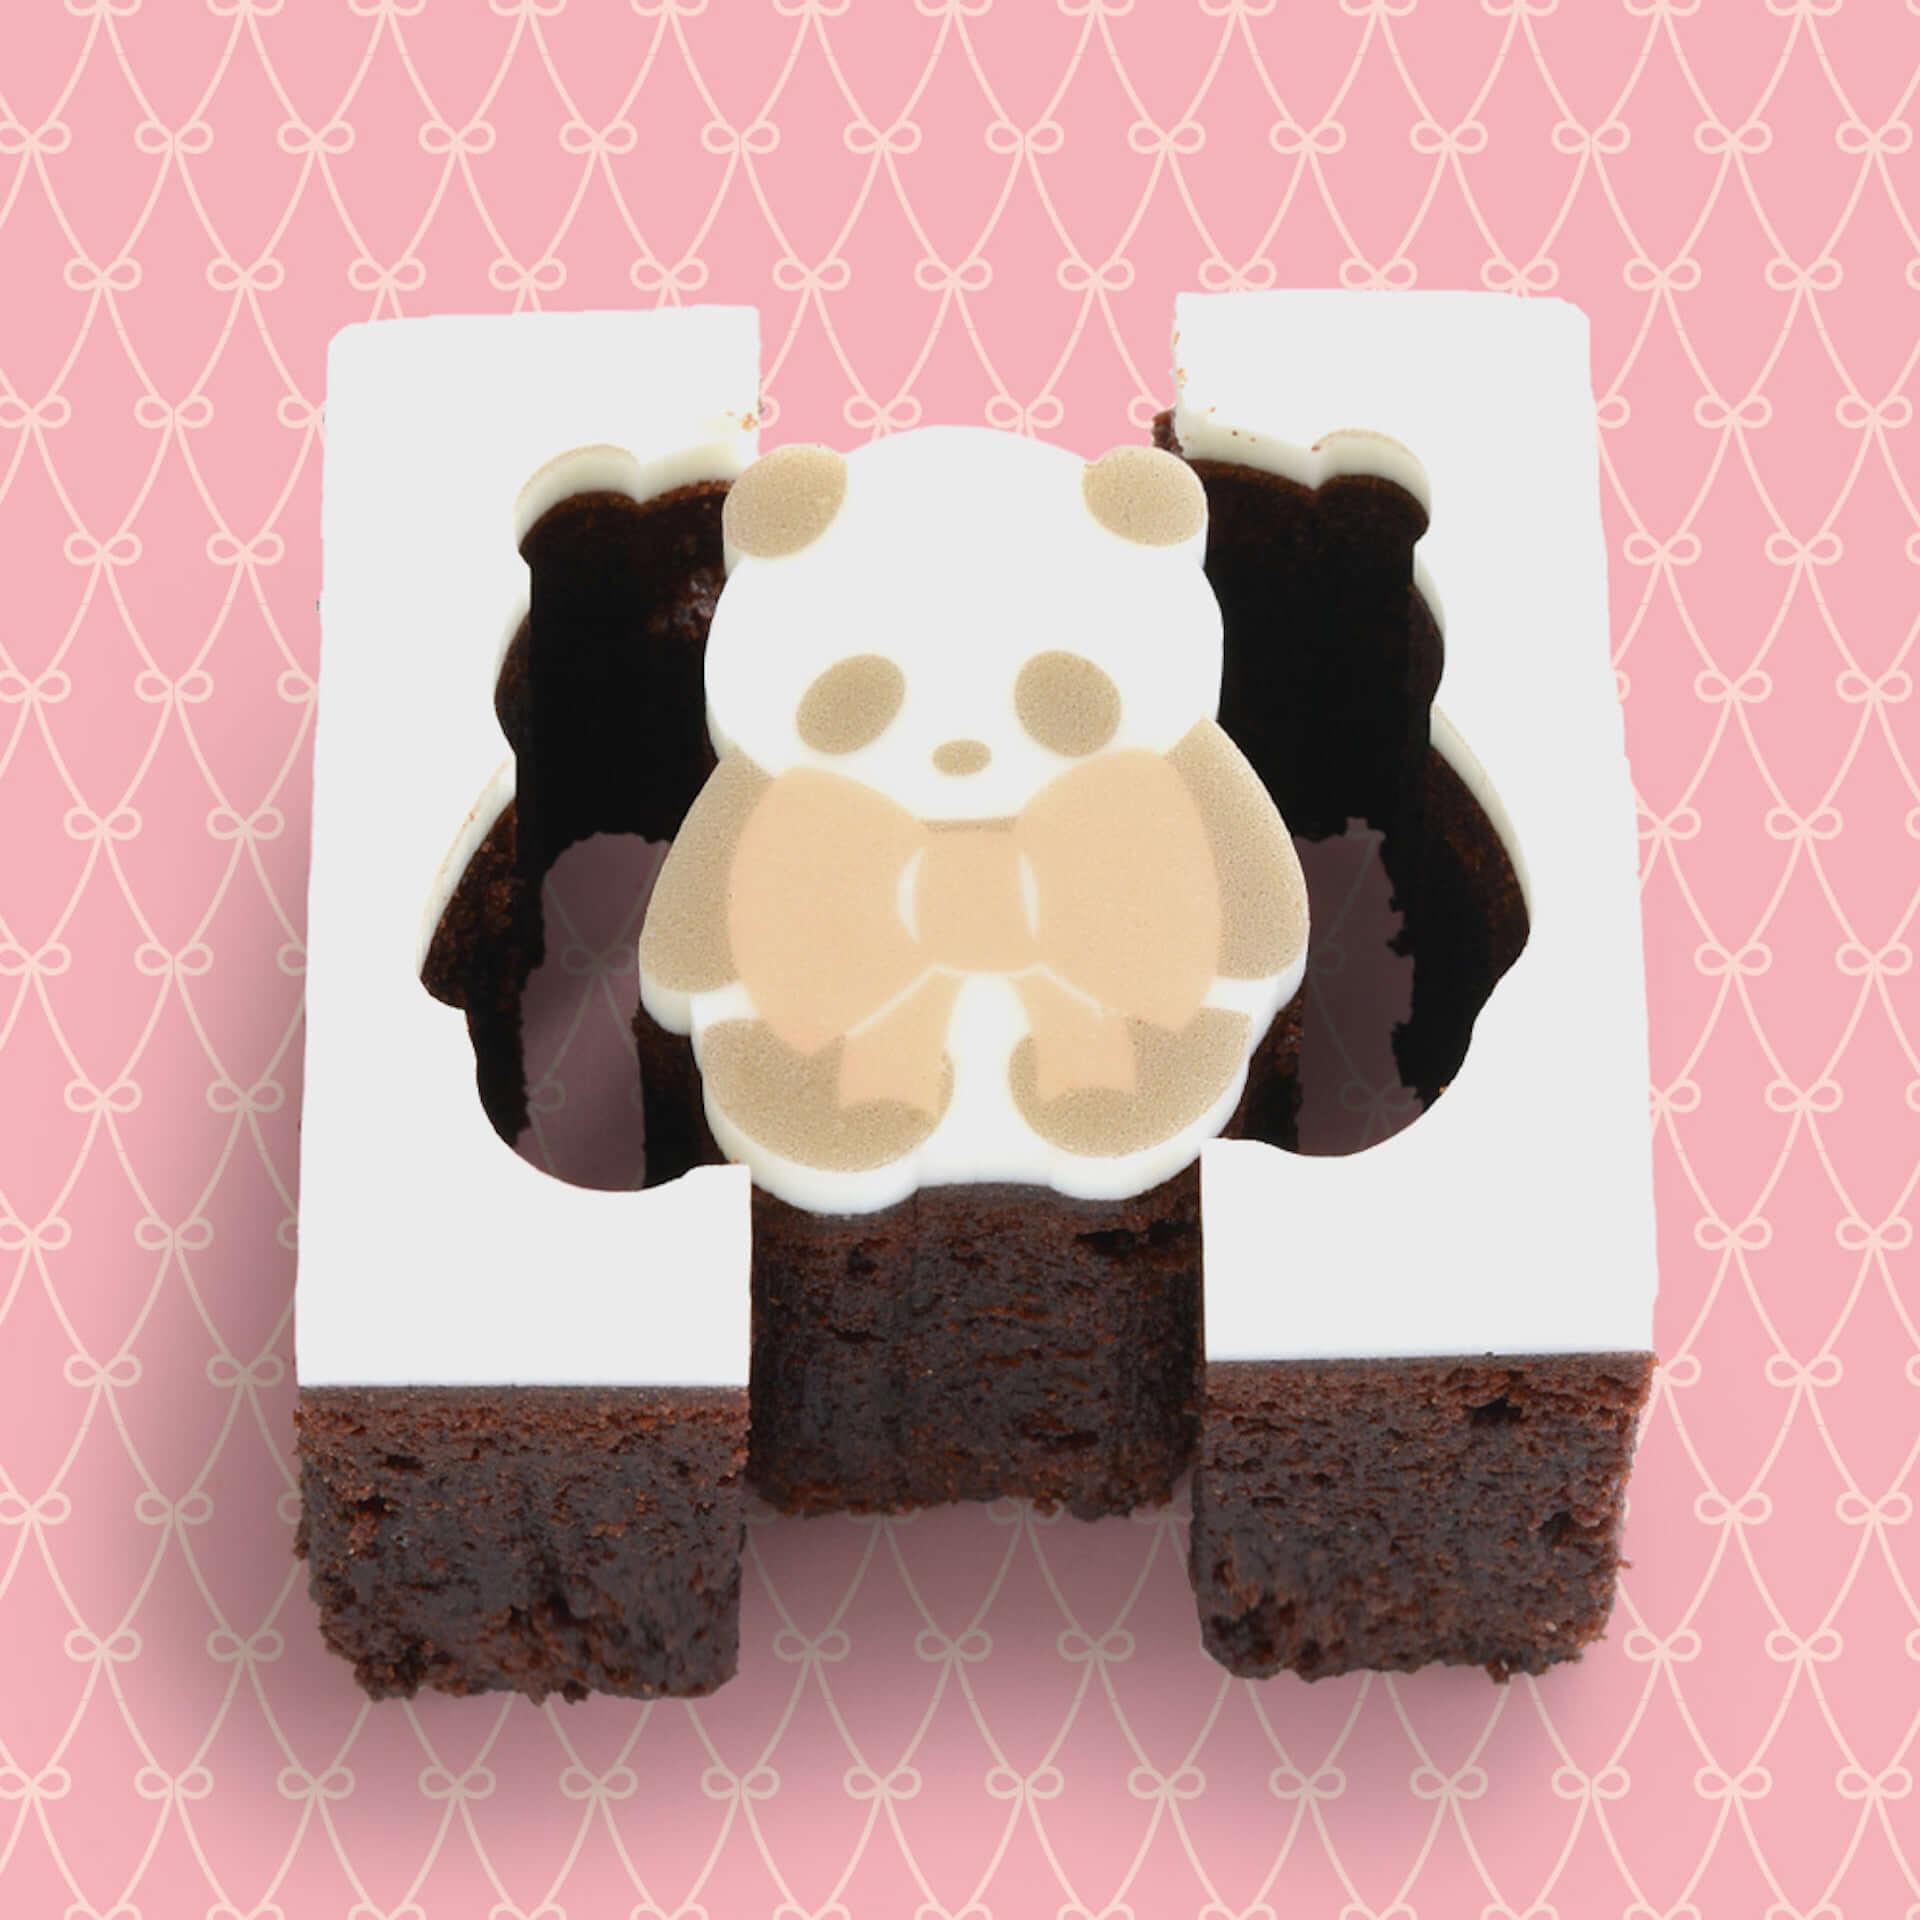 型ぬきができるバウムクーヘン『パンダバウム』にバレンタイン限定デザインが登場!ガトーショコラやココアバウムなど全3種が発売 gourmet210121_katanuki-ya_8-1920x1920